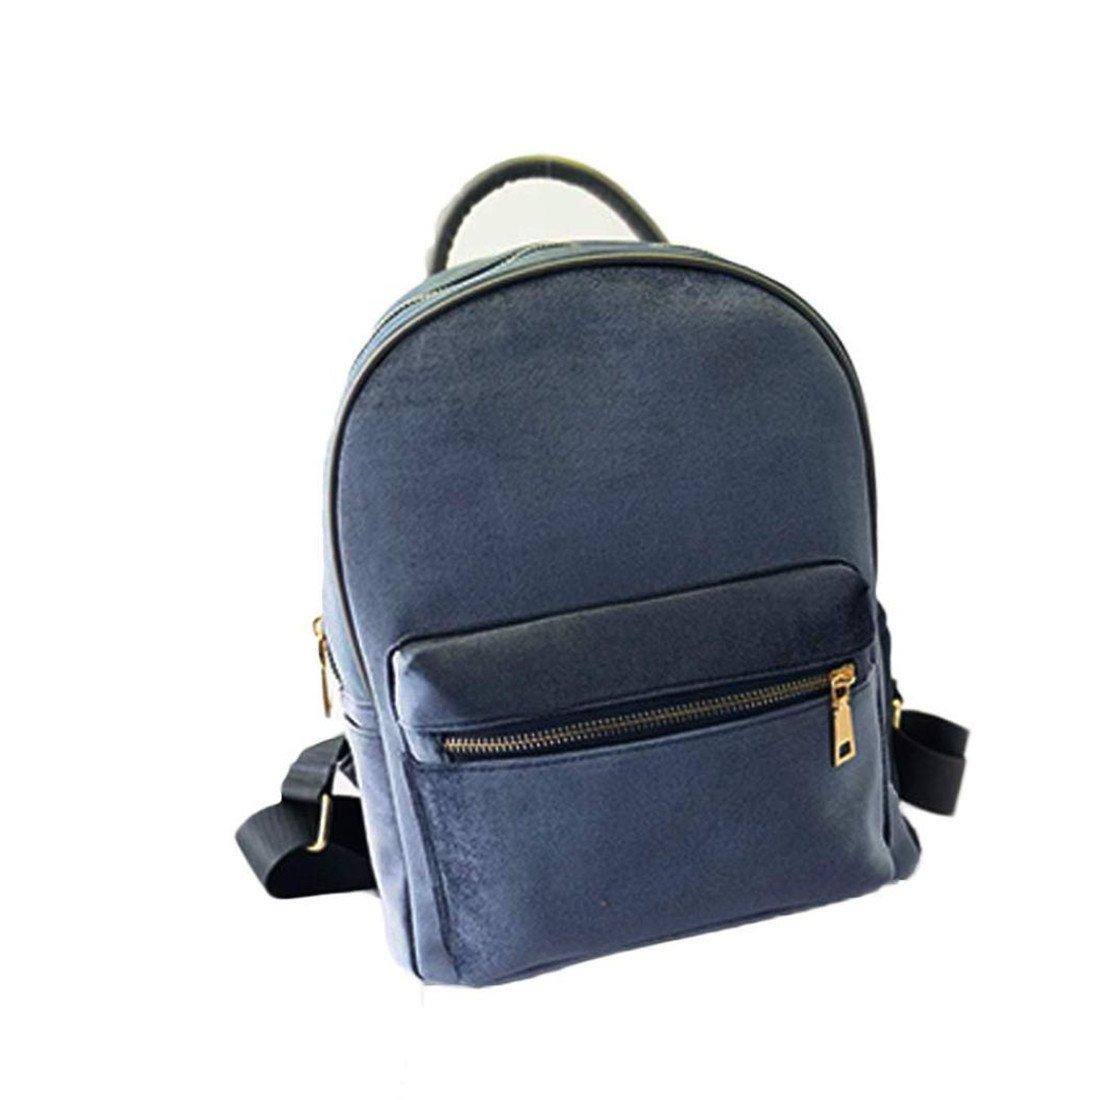 Sac à dos Brezeh - Pour femme - Petite taille - Velours doré Sacs à main de forme de sac à dos Taille unique noir